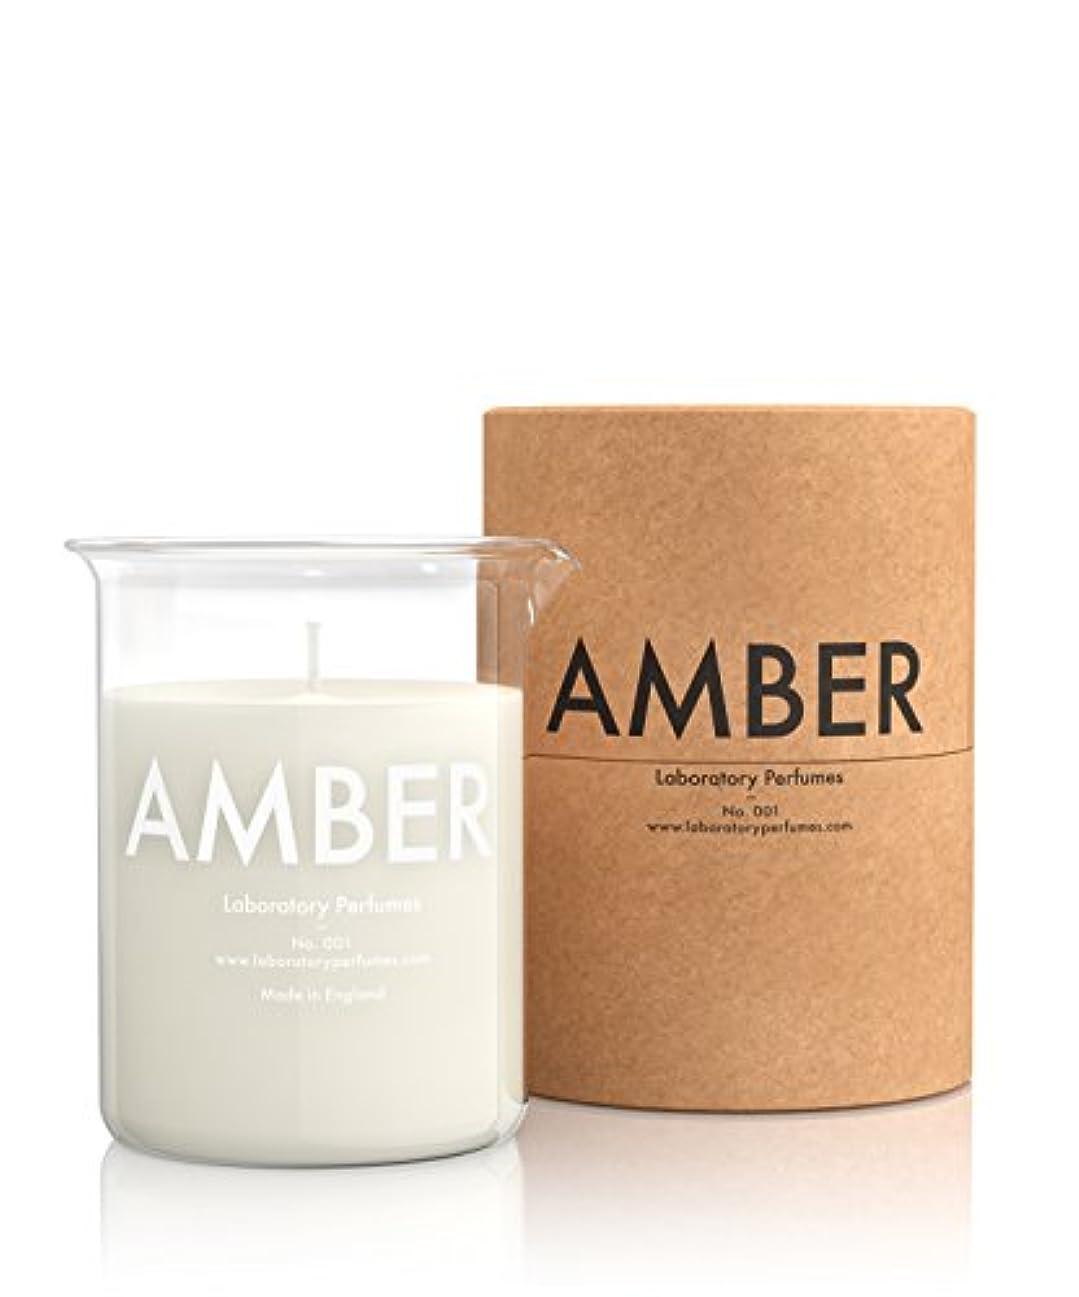 対処するくつろぐ仕出しますLabortory Perfumes キャンドル アンバー Amber (フローラルウッディー Floral Woody) Candle ラボラトリー パフューム